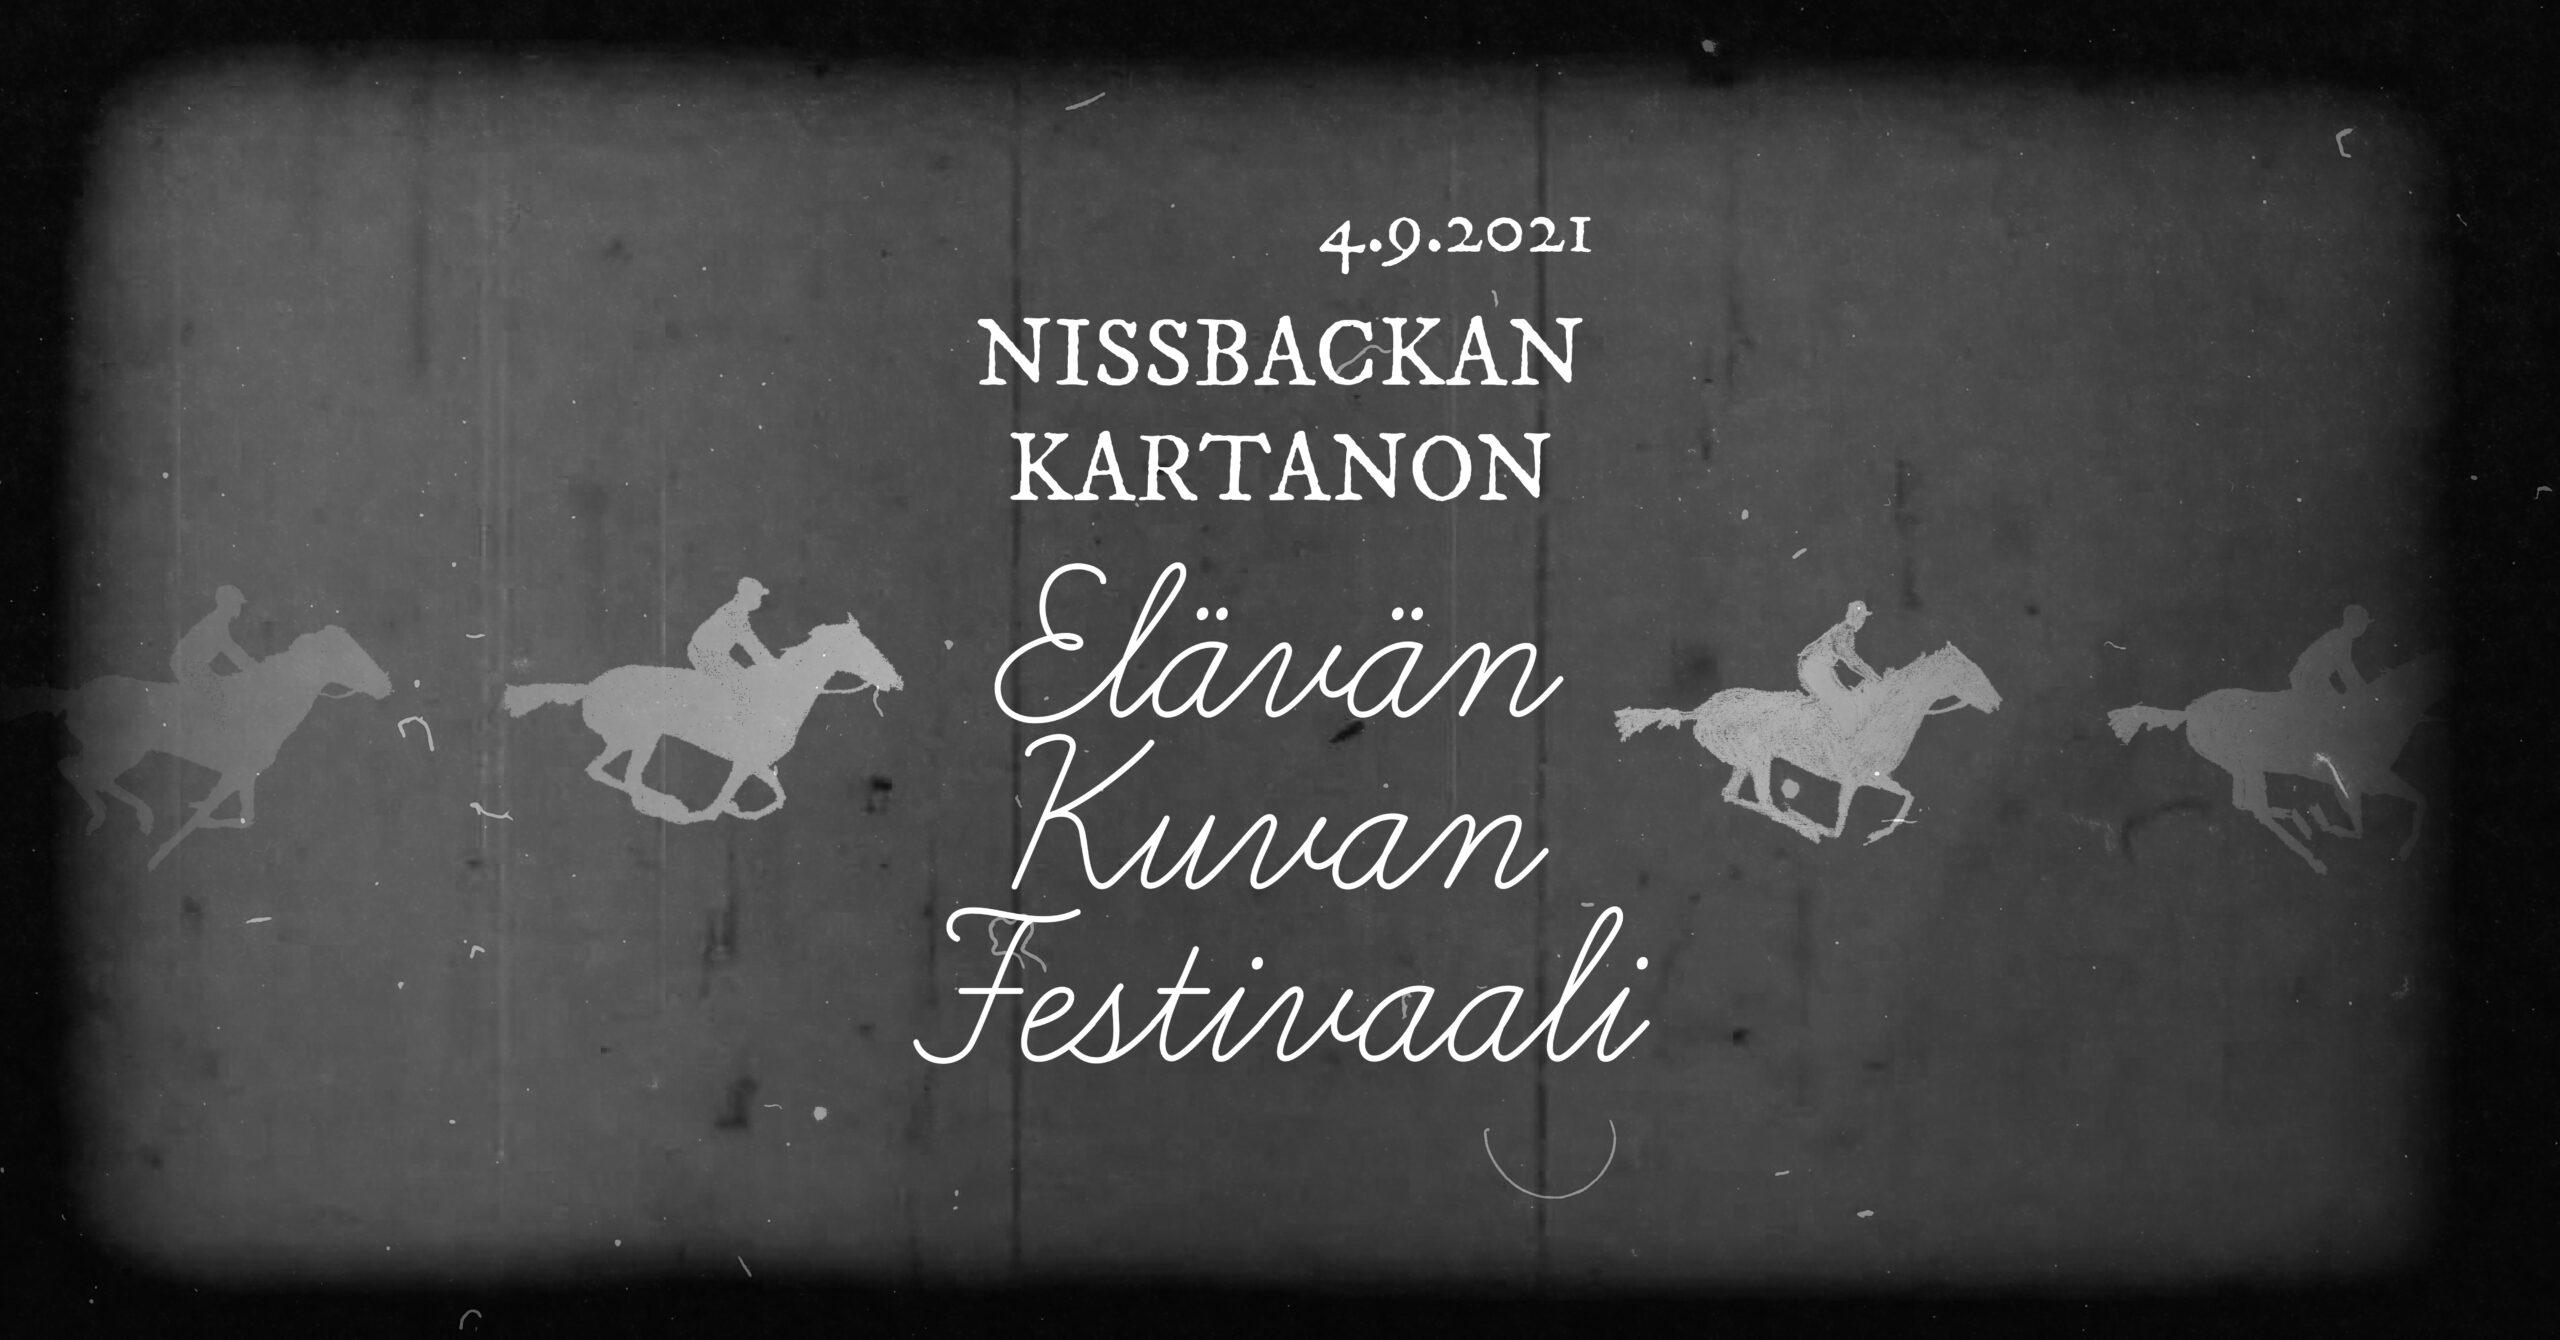 Nissbackan Kartanon Elävän Kuvan Festivaalit